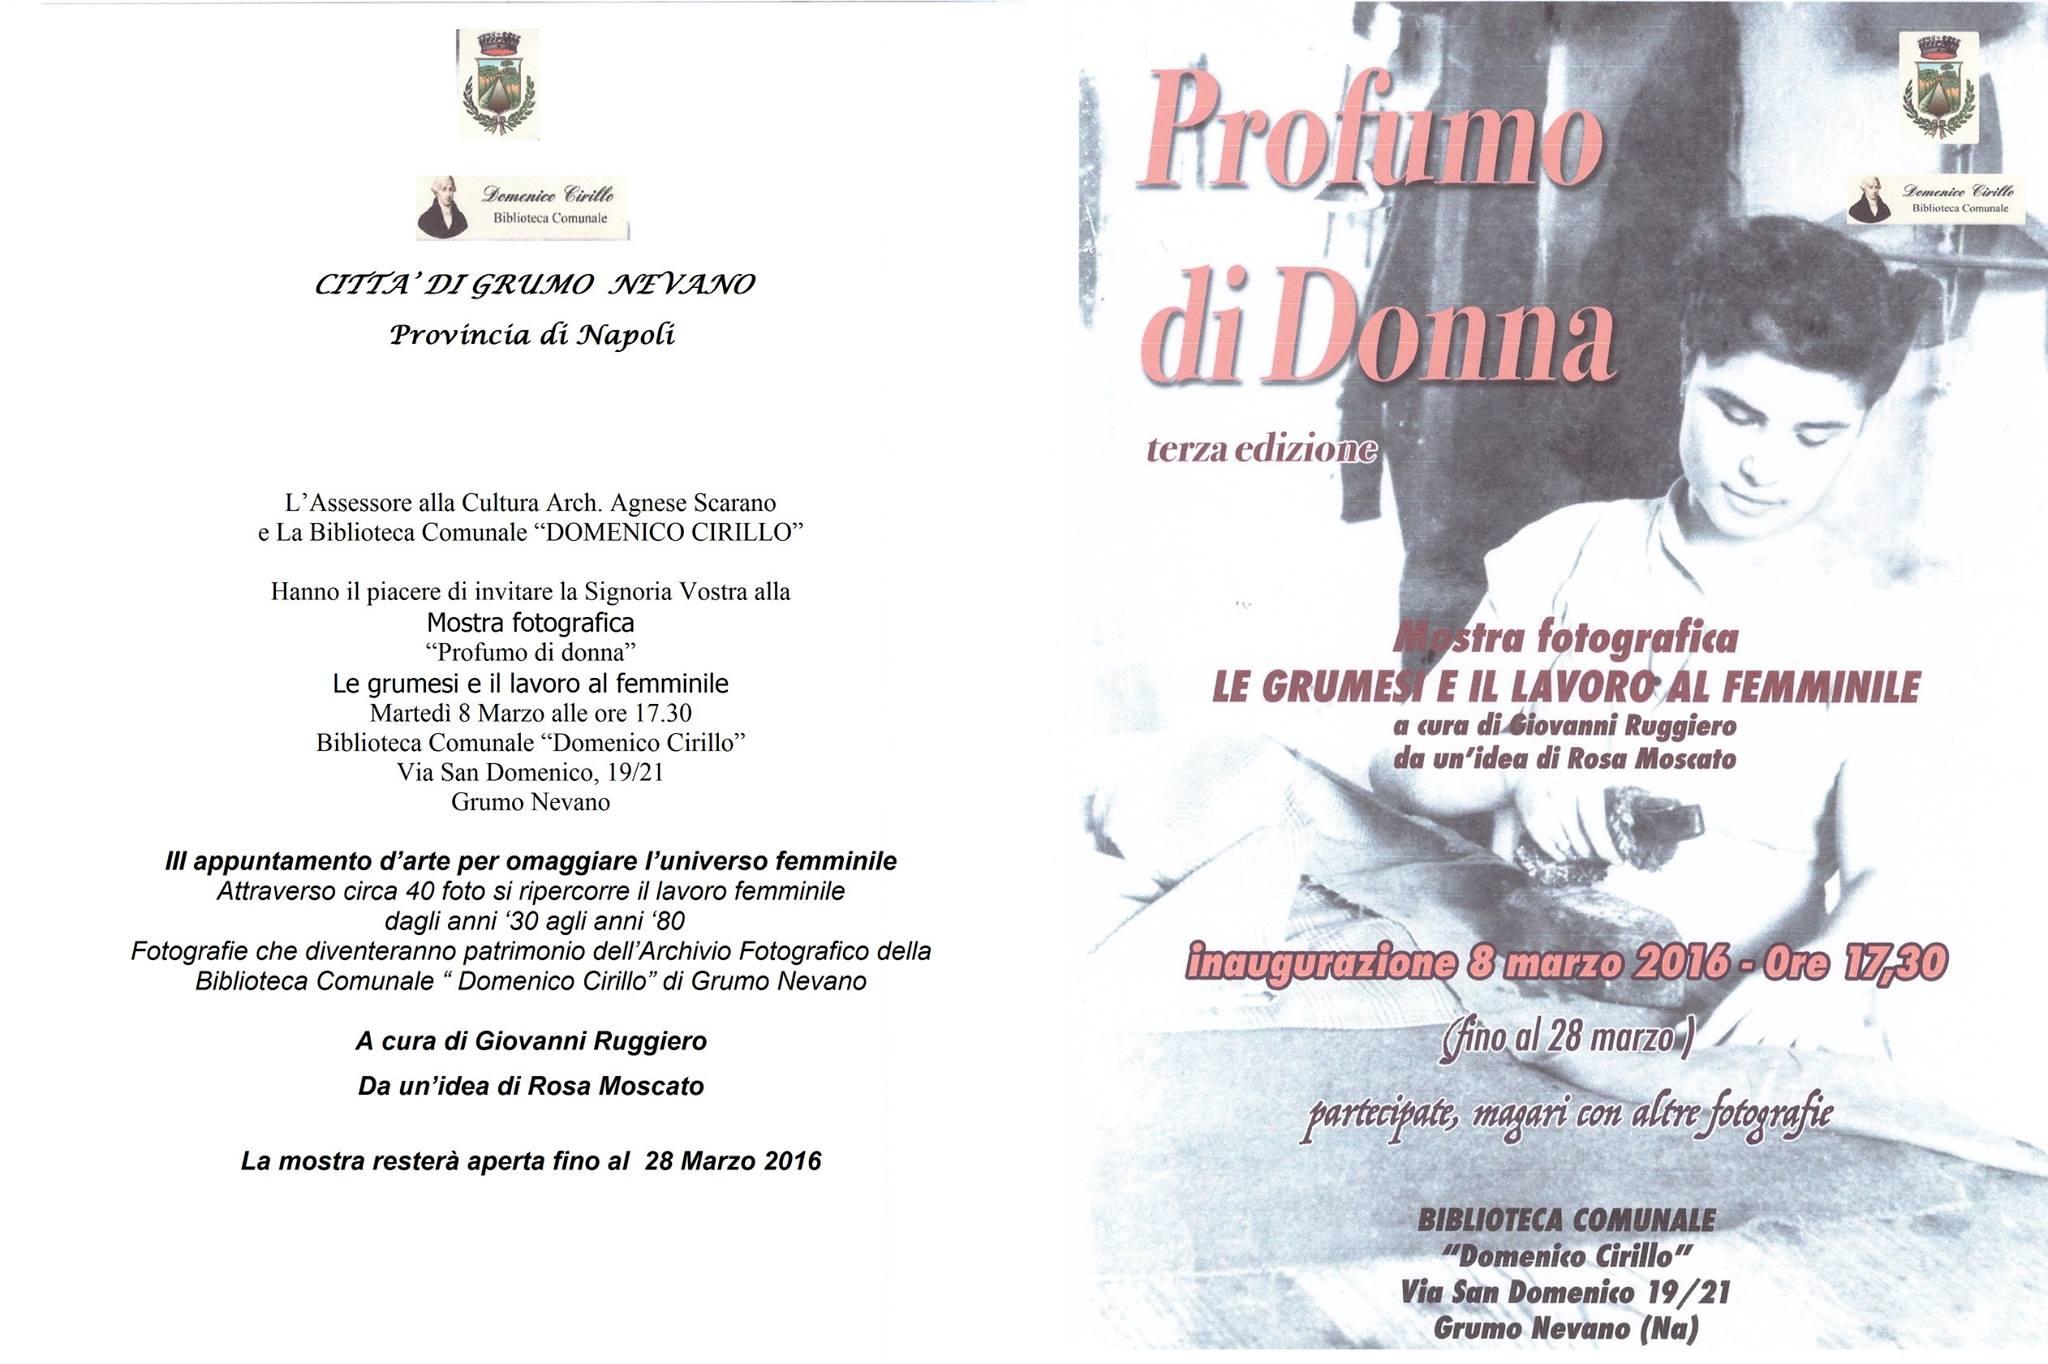 """Martedi 8 marzo alle ore 17.30 presentazione mostra di fotografie """" PROFUMO DI DONNA"""" Le grumesi e il lavoro al femminile."""